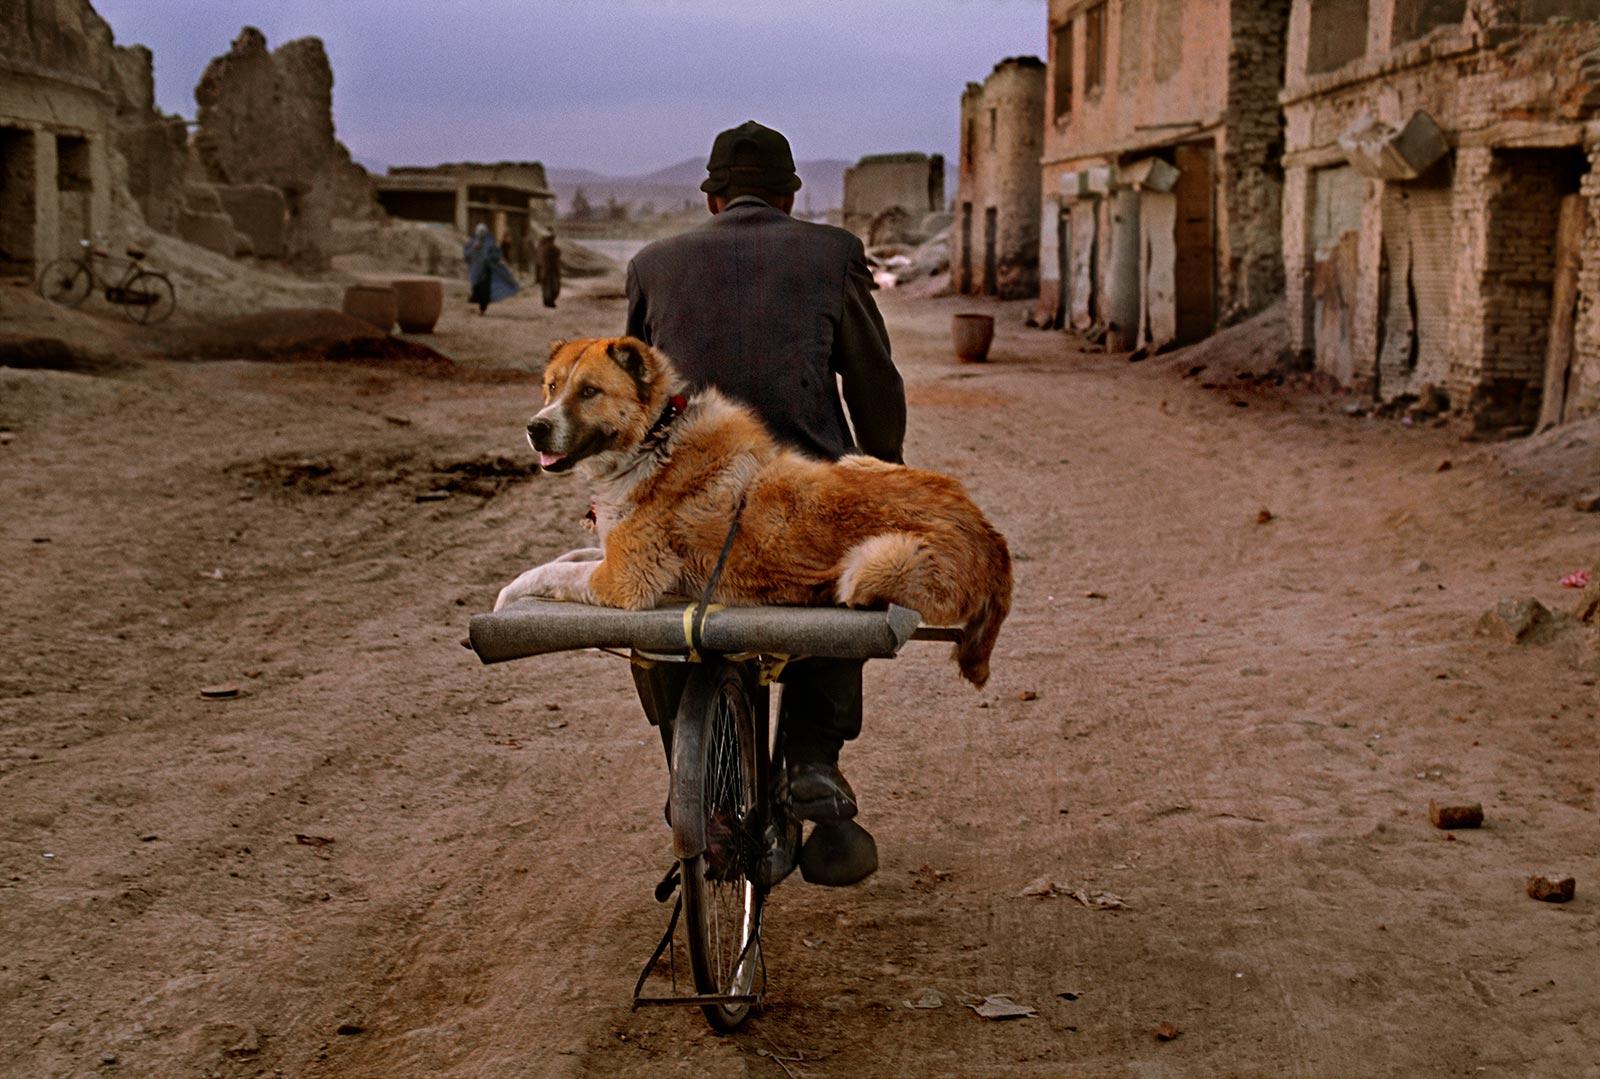 Steve McCurry - Kabul Afghanistan